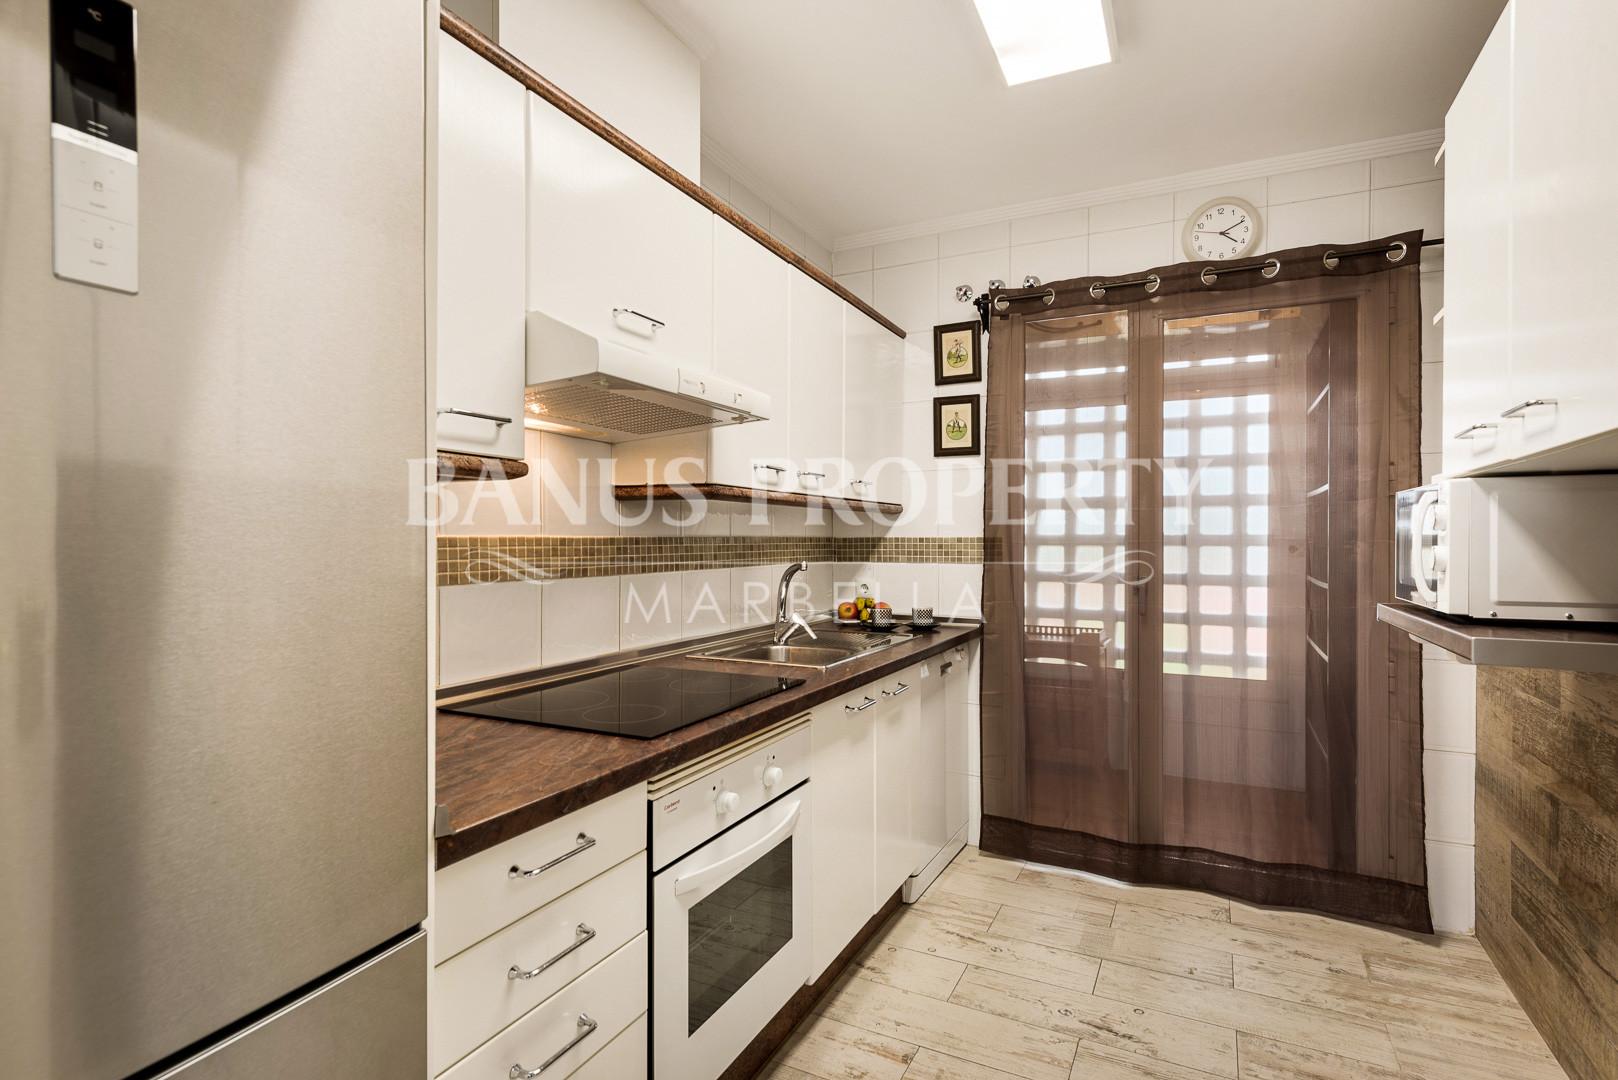 2 Bedrooms in Medina Garden - Puerto Banús